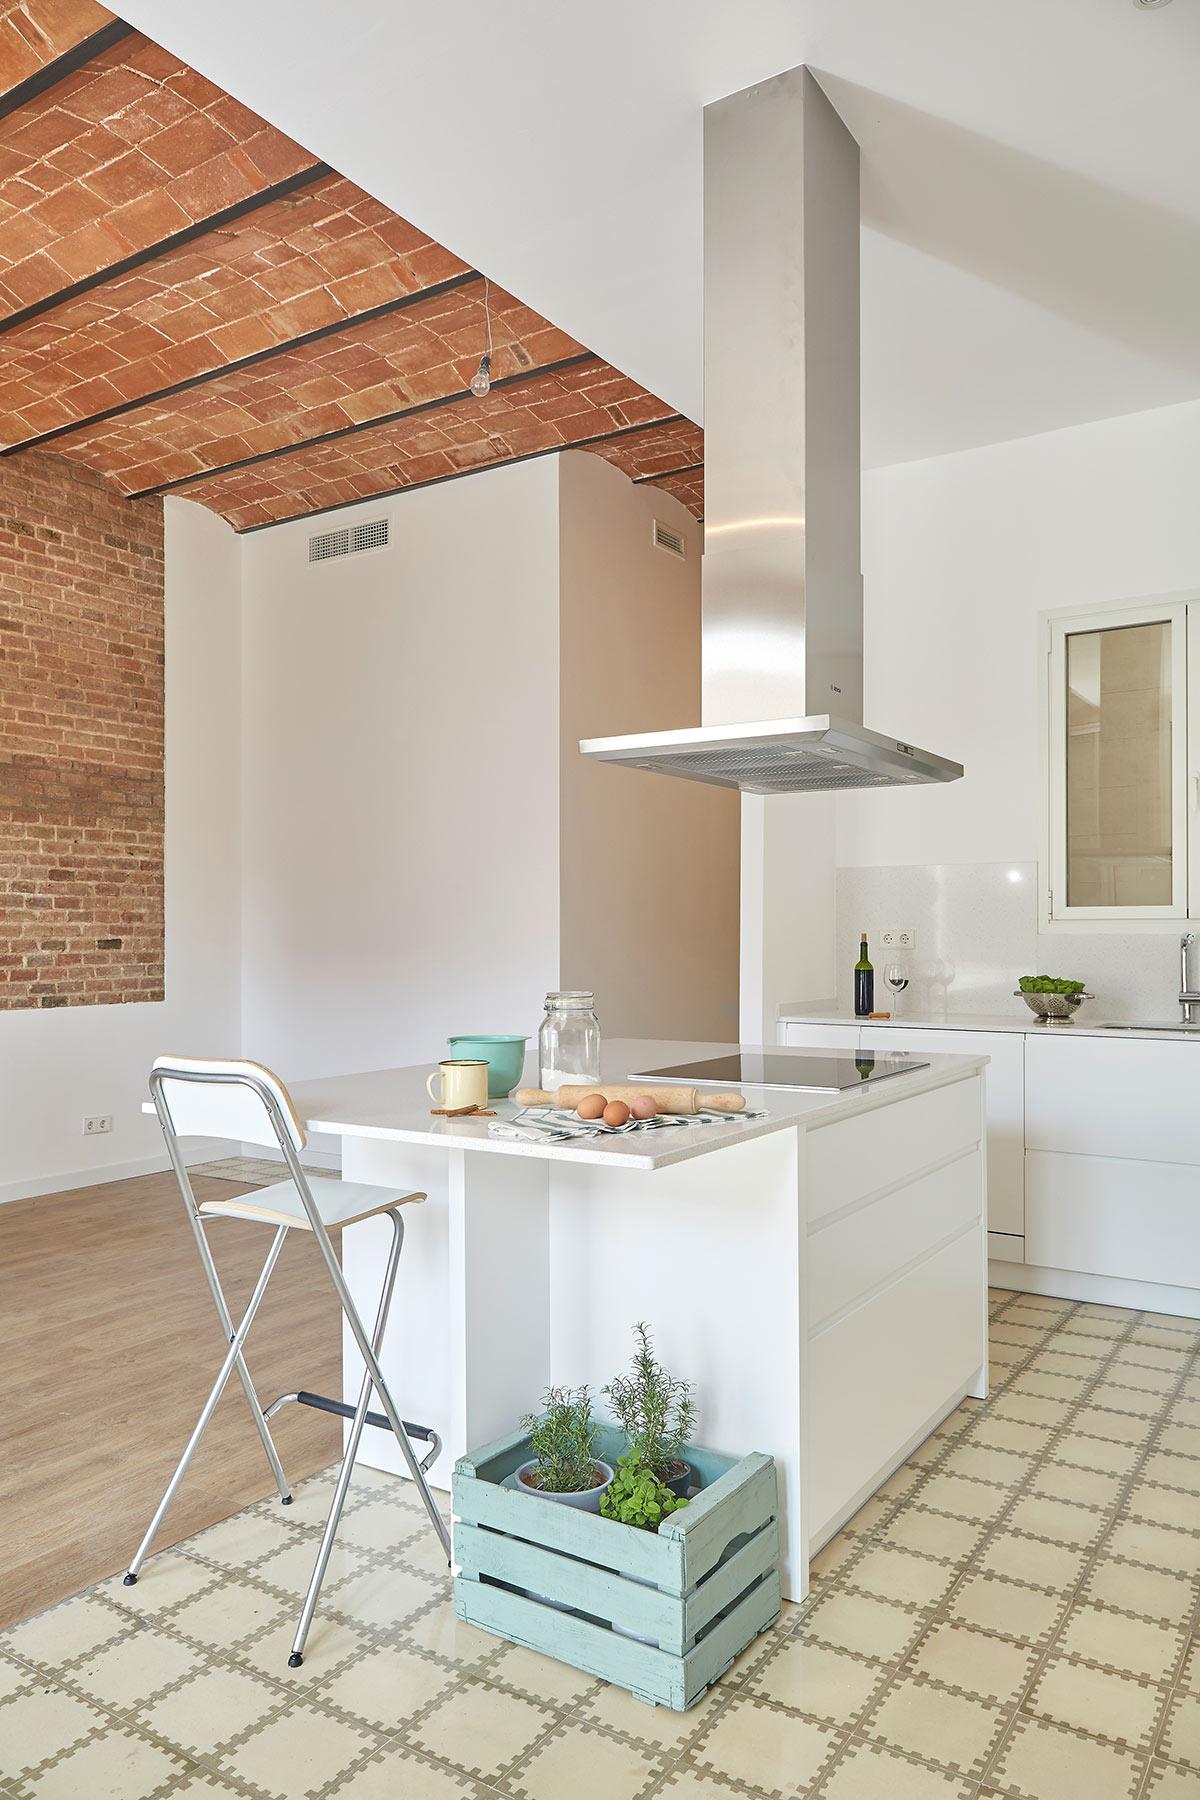 Cocina laca blanca con isla omo barcelona f brica armarios y muebles de cocina a medida 9 - Fabrica muebles barcelona ...